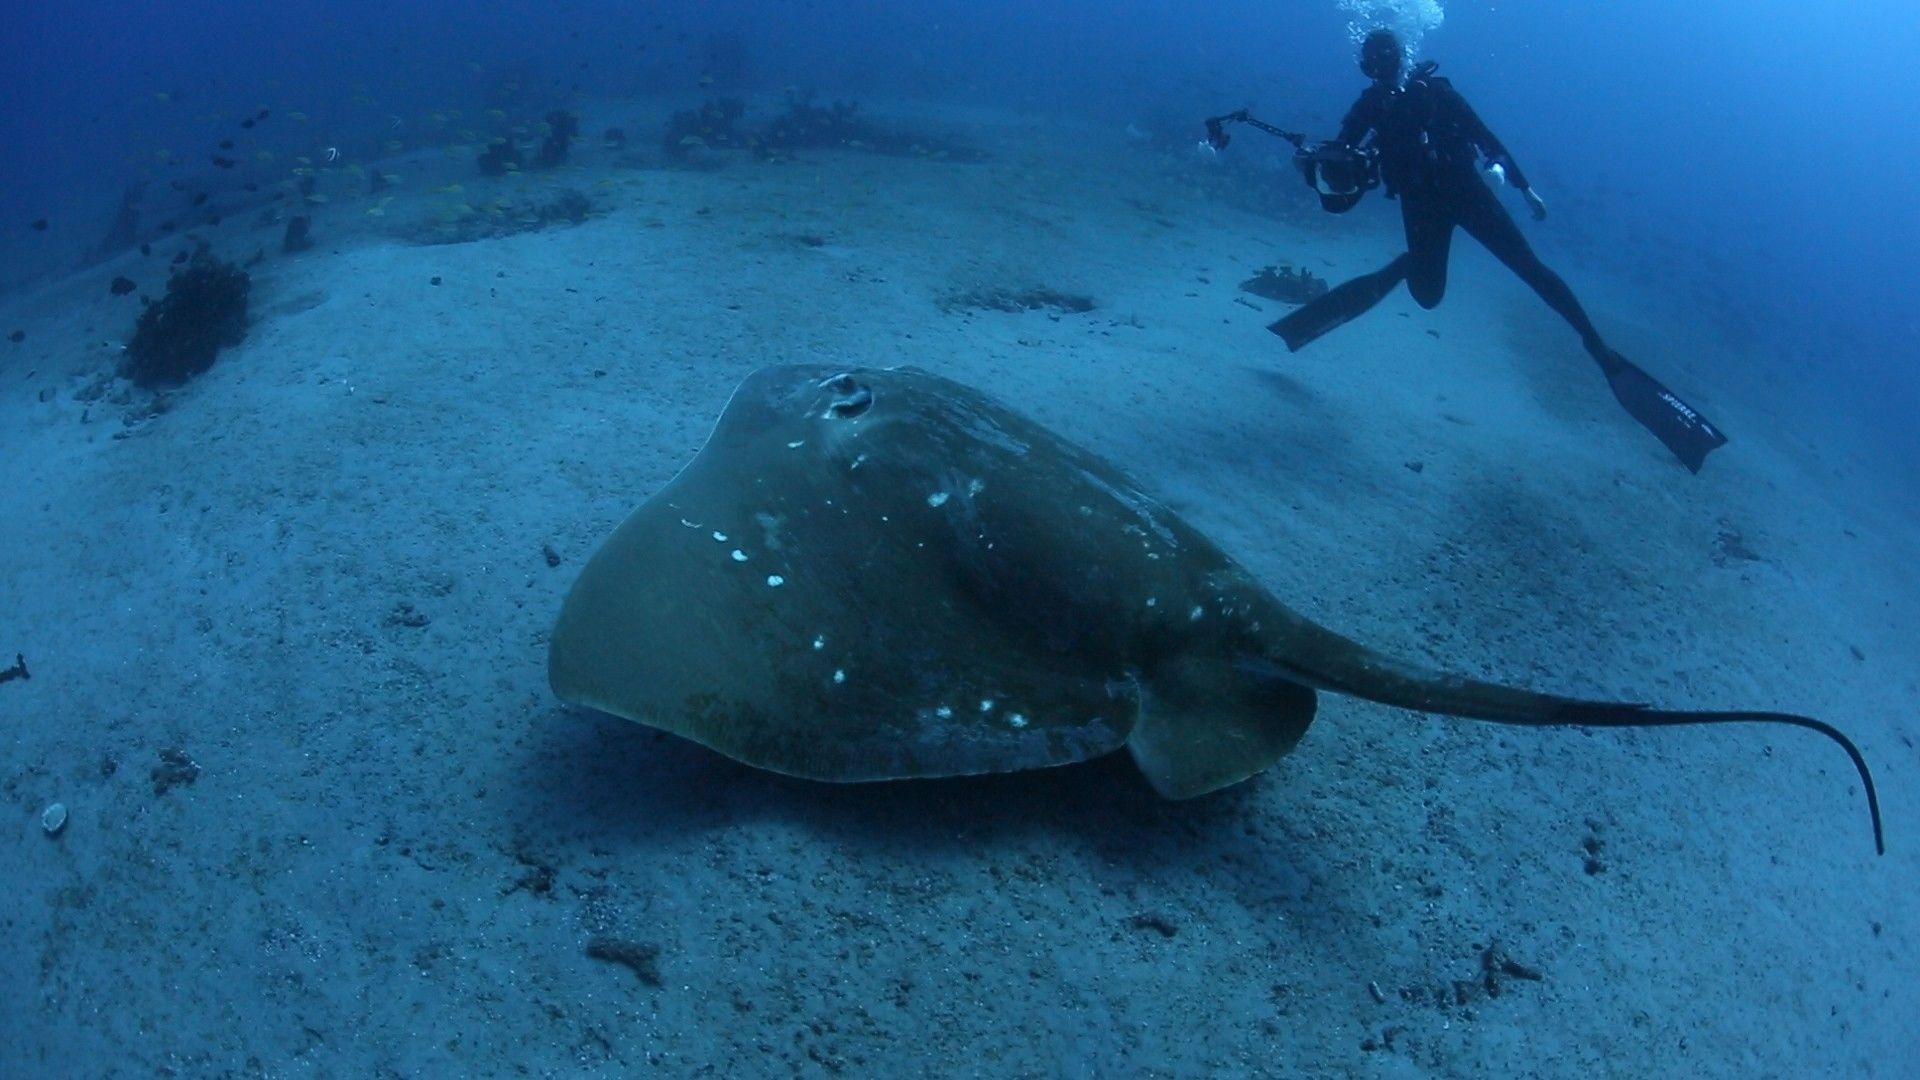 Première étude sur la plus grande raie marine connue | National Geographic